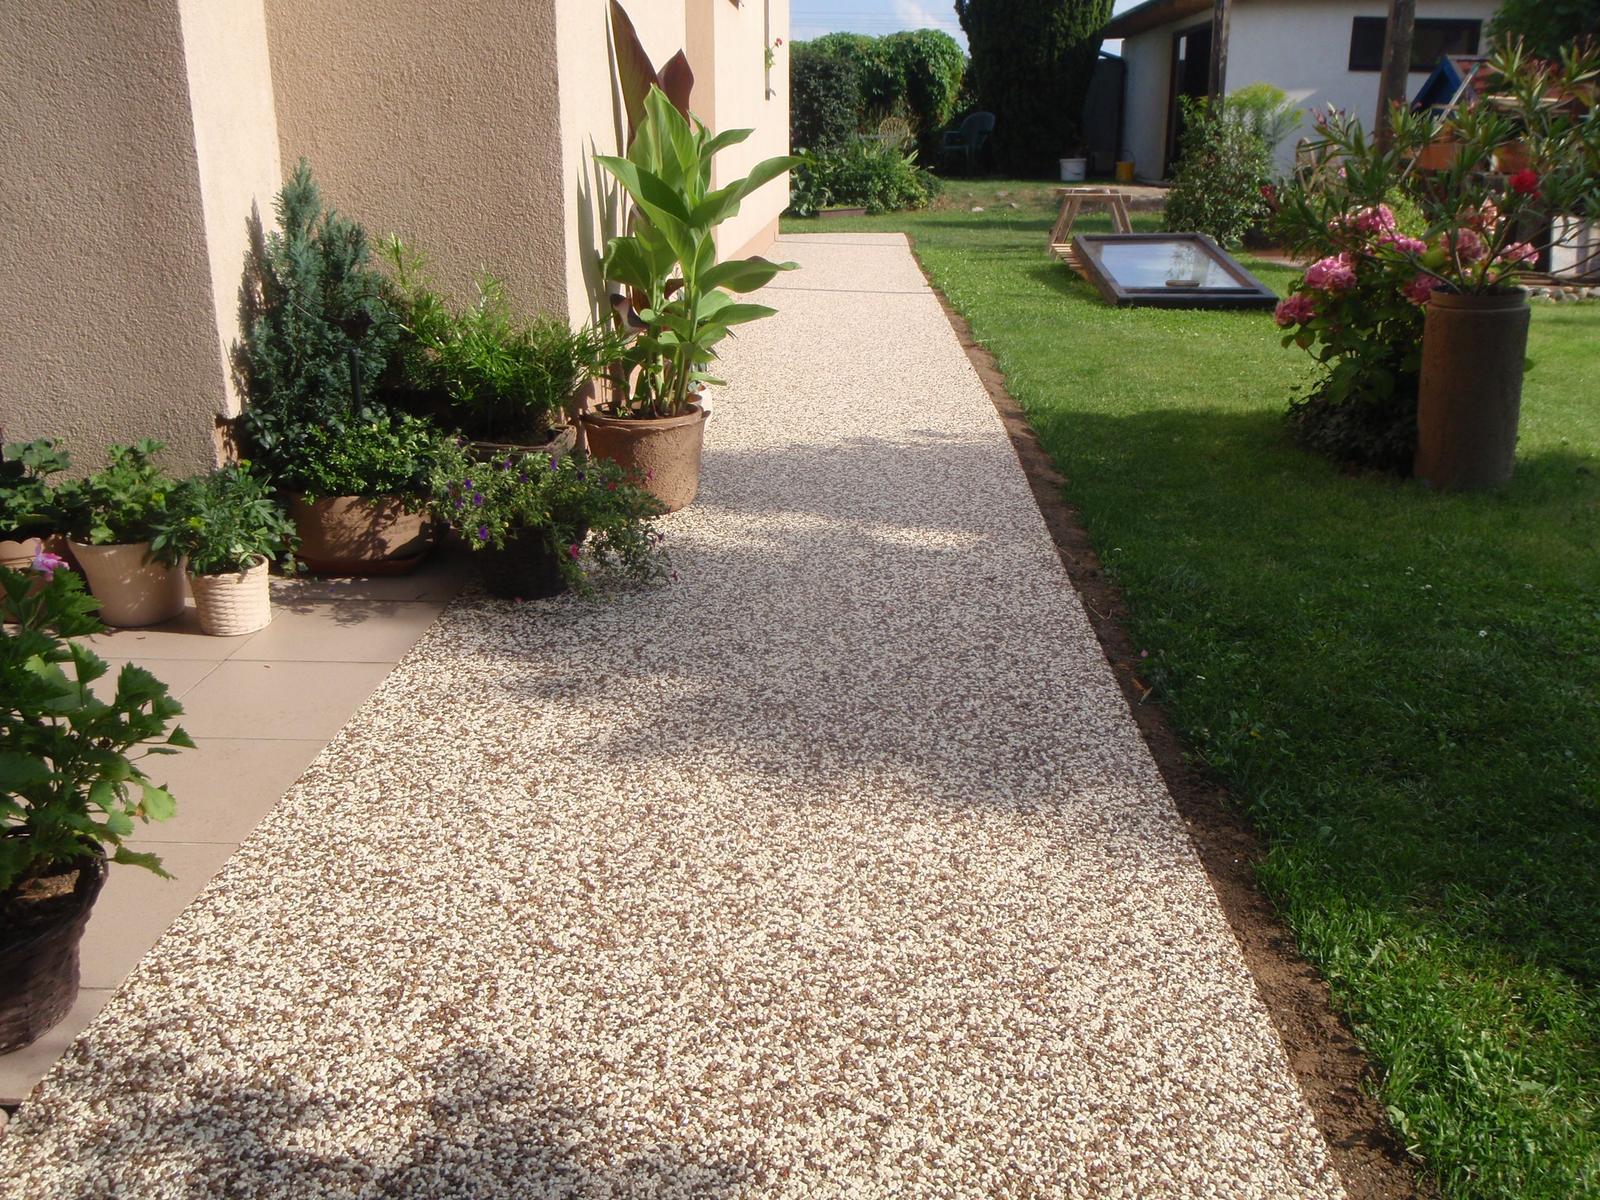 Kamínkový chodníček CHS EPODUR STONE - možnosti desénů a tvarů - CHS EPODUR STONE - ideální kombinace kamínků nenásilně propojuje barvu omítky a půdy na zahradě